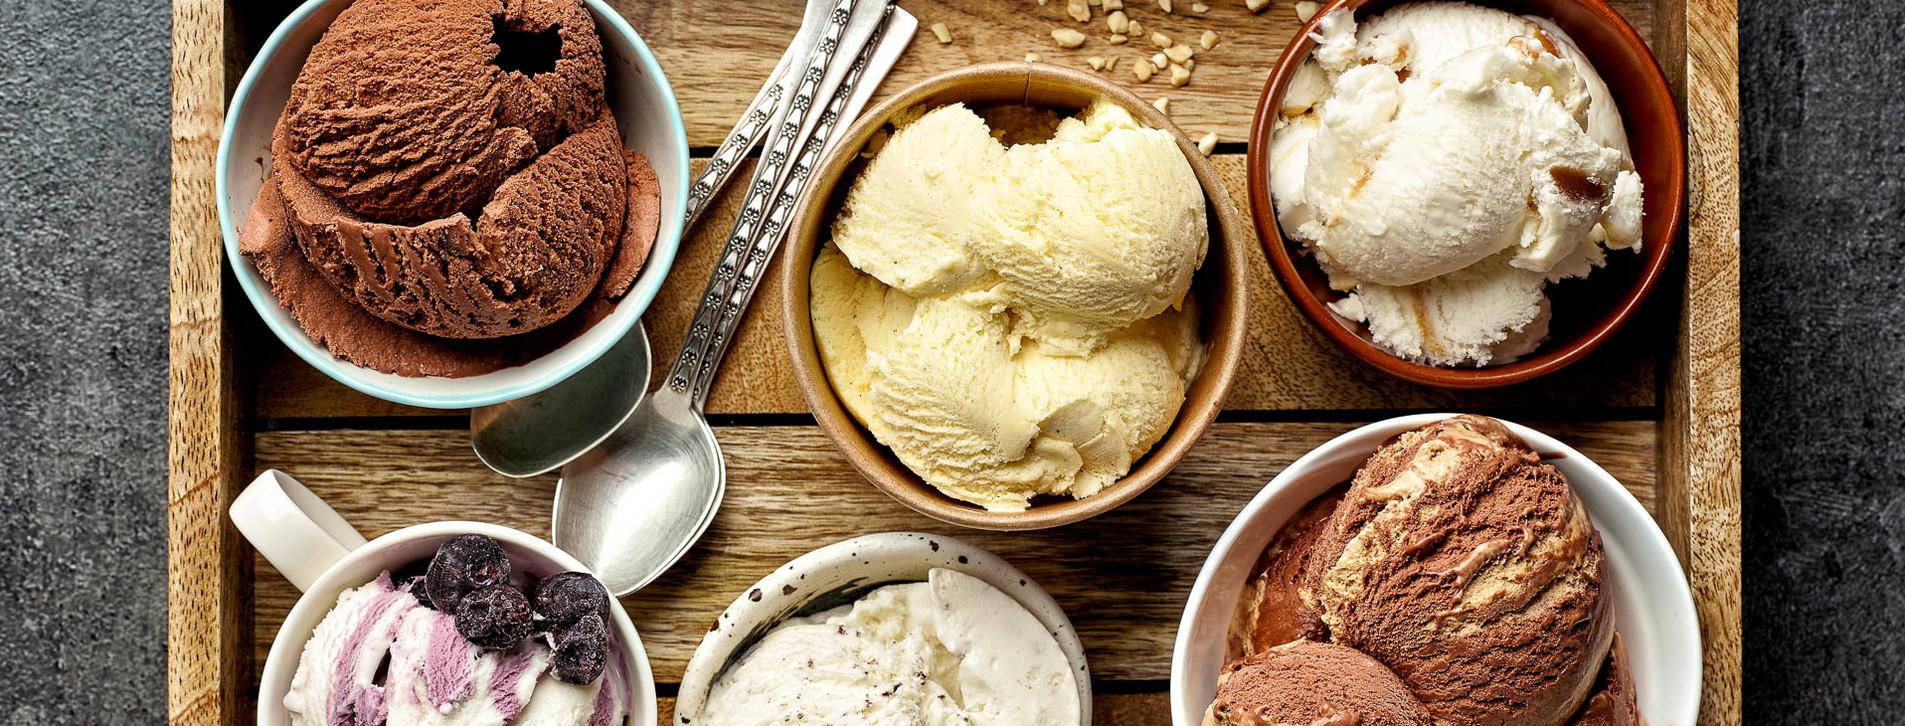 Фото 1 - Мастер-класс приготовления мороженого Gelarty для компании